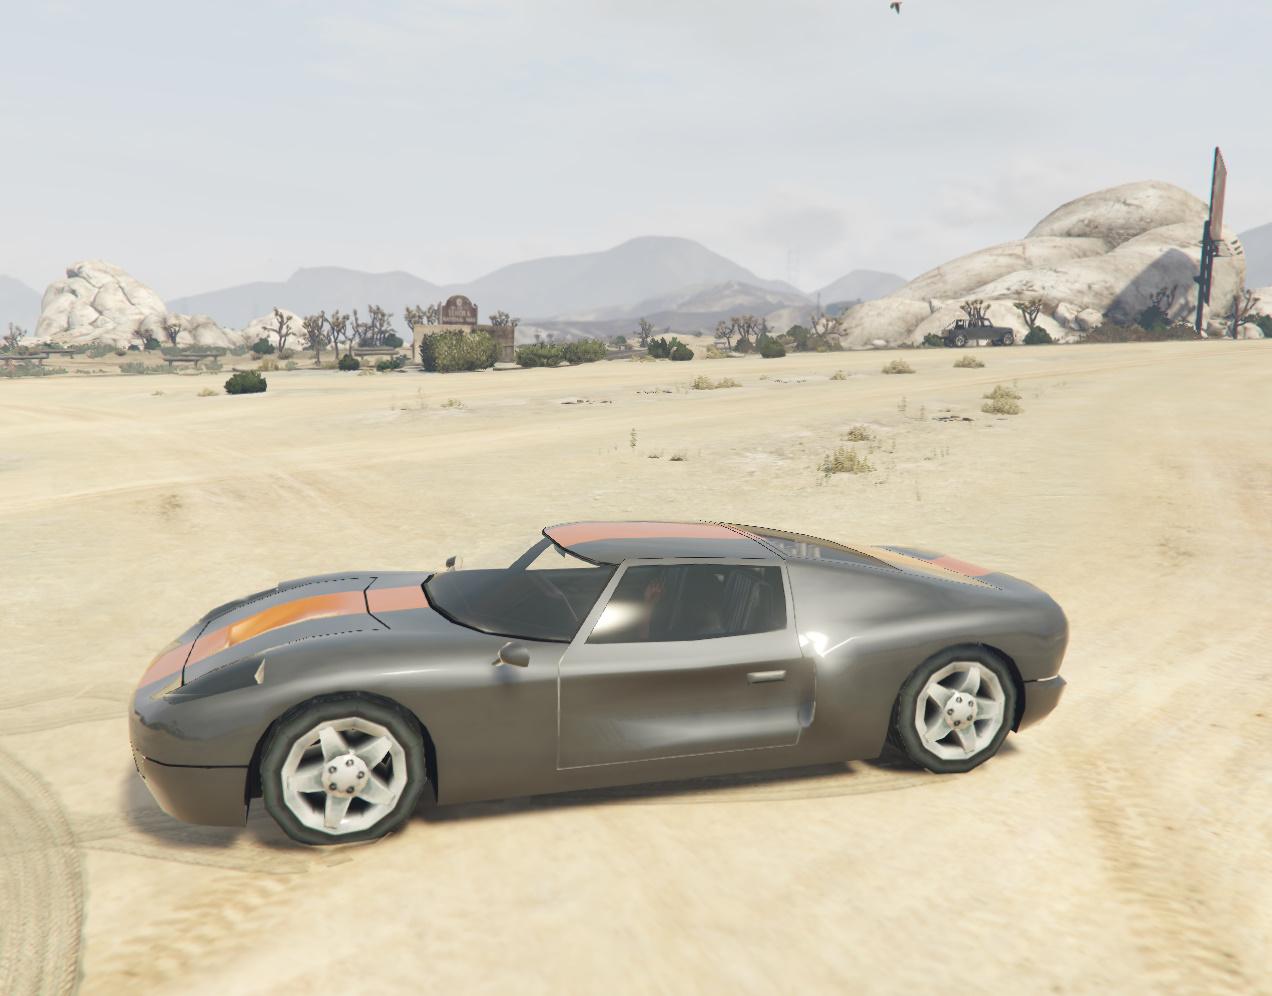 GTA San Andreas Bullet - GTA5-Mods com